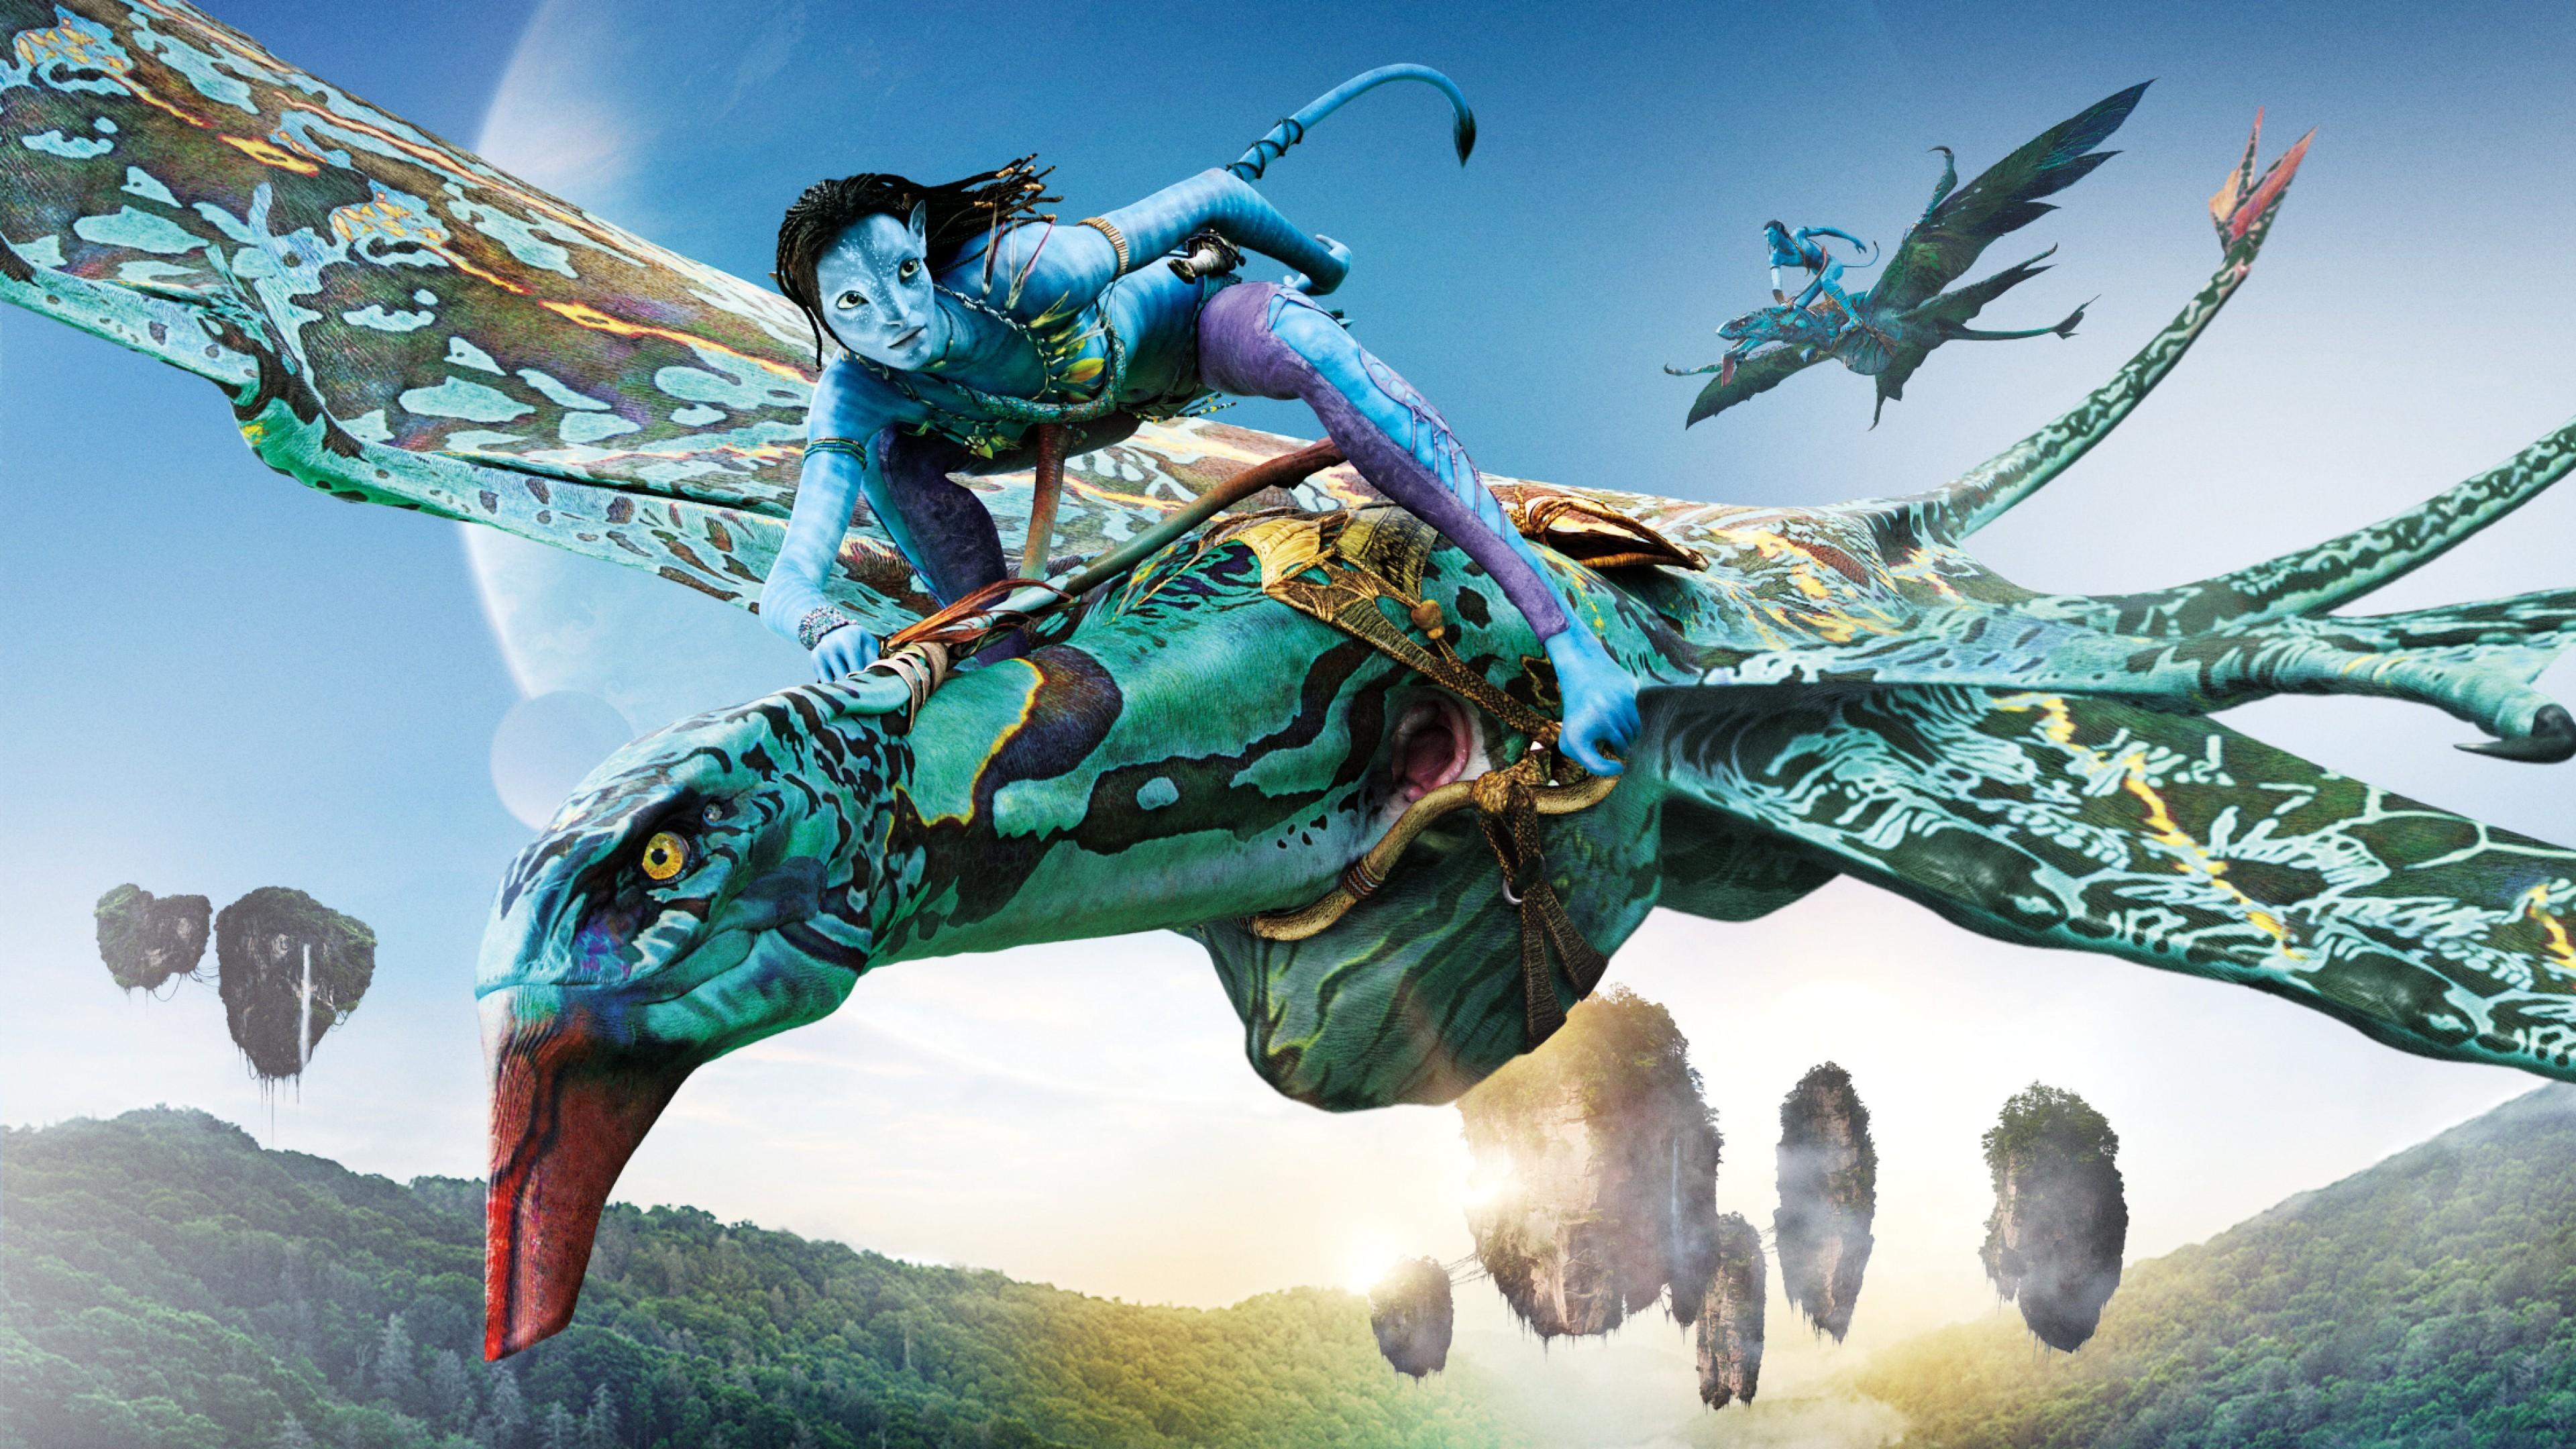 Wallpaper Neytiri Seze Avatar Hd Movies 4115: Oglanlarcun Avatar Sekilleri Sorğusuna Uyğun şekilleri